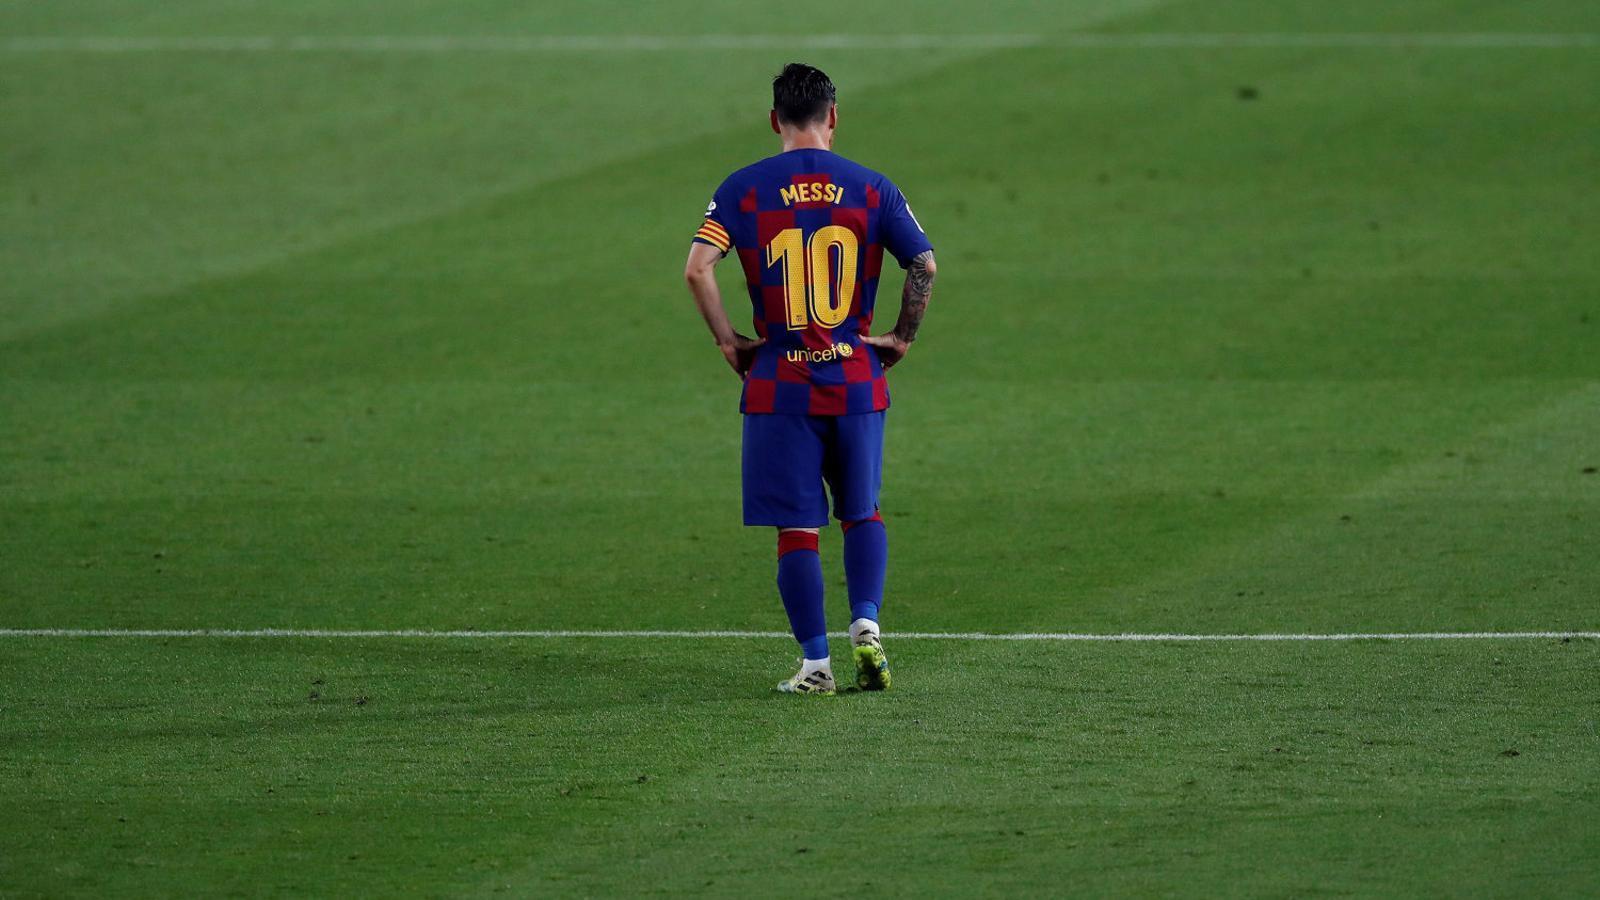 Leo Messi va marcar contra l'Osasuna, però no va poder evitar la derrota del Barça al Camp Nou.